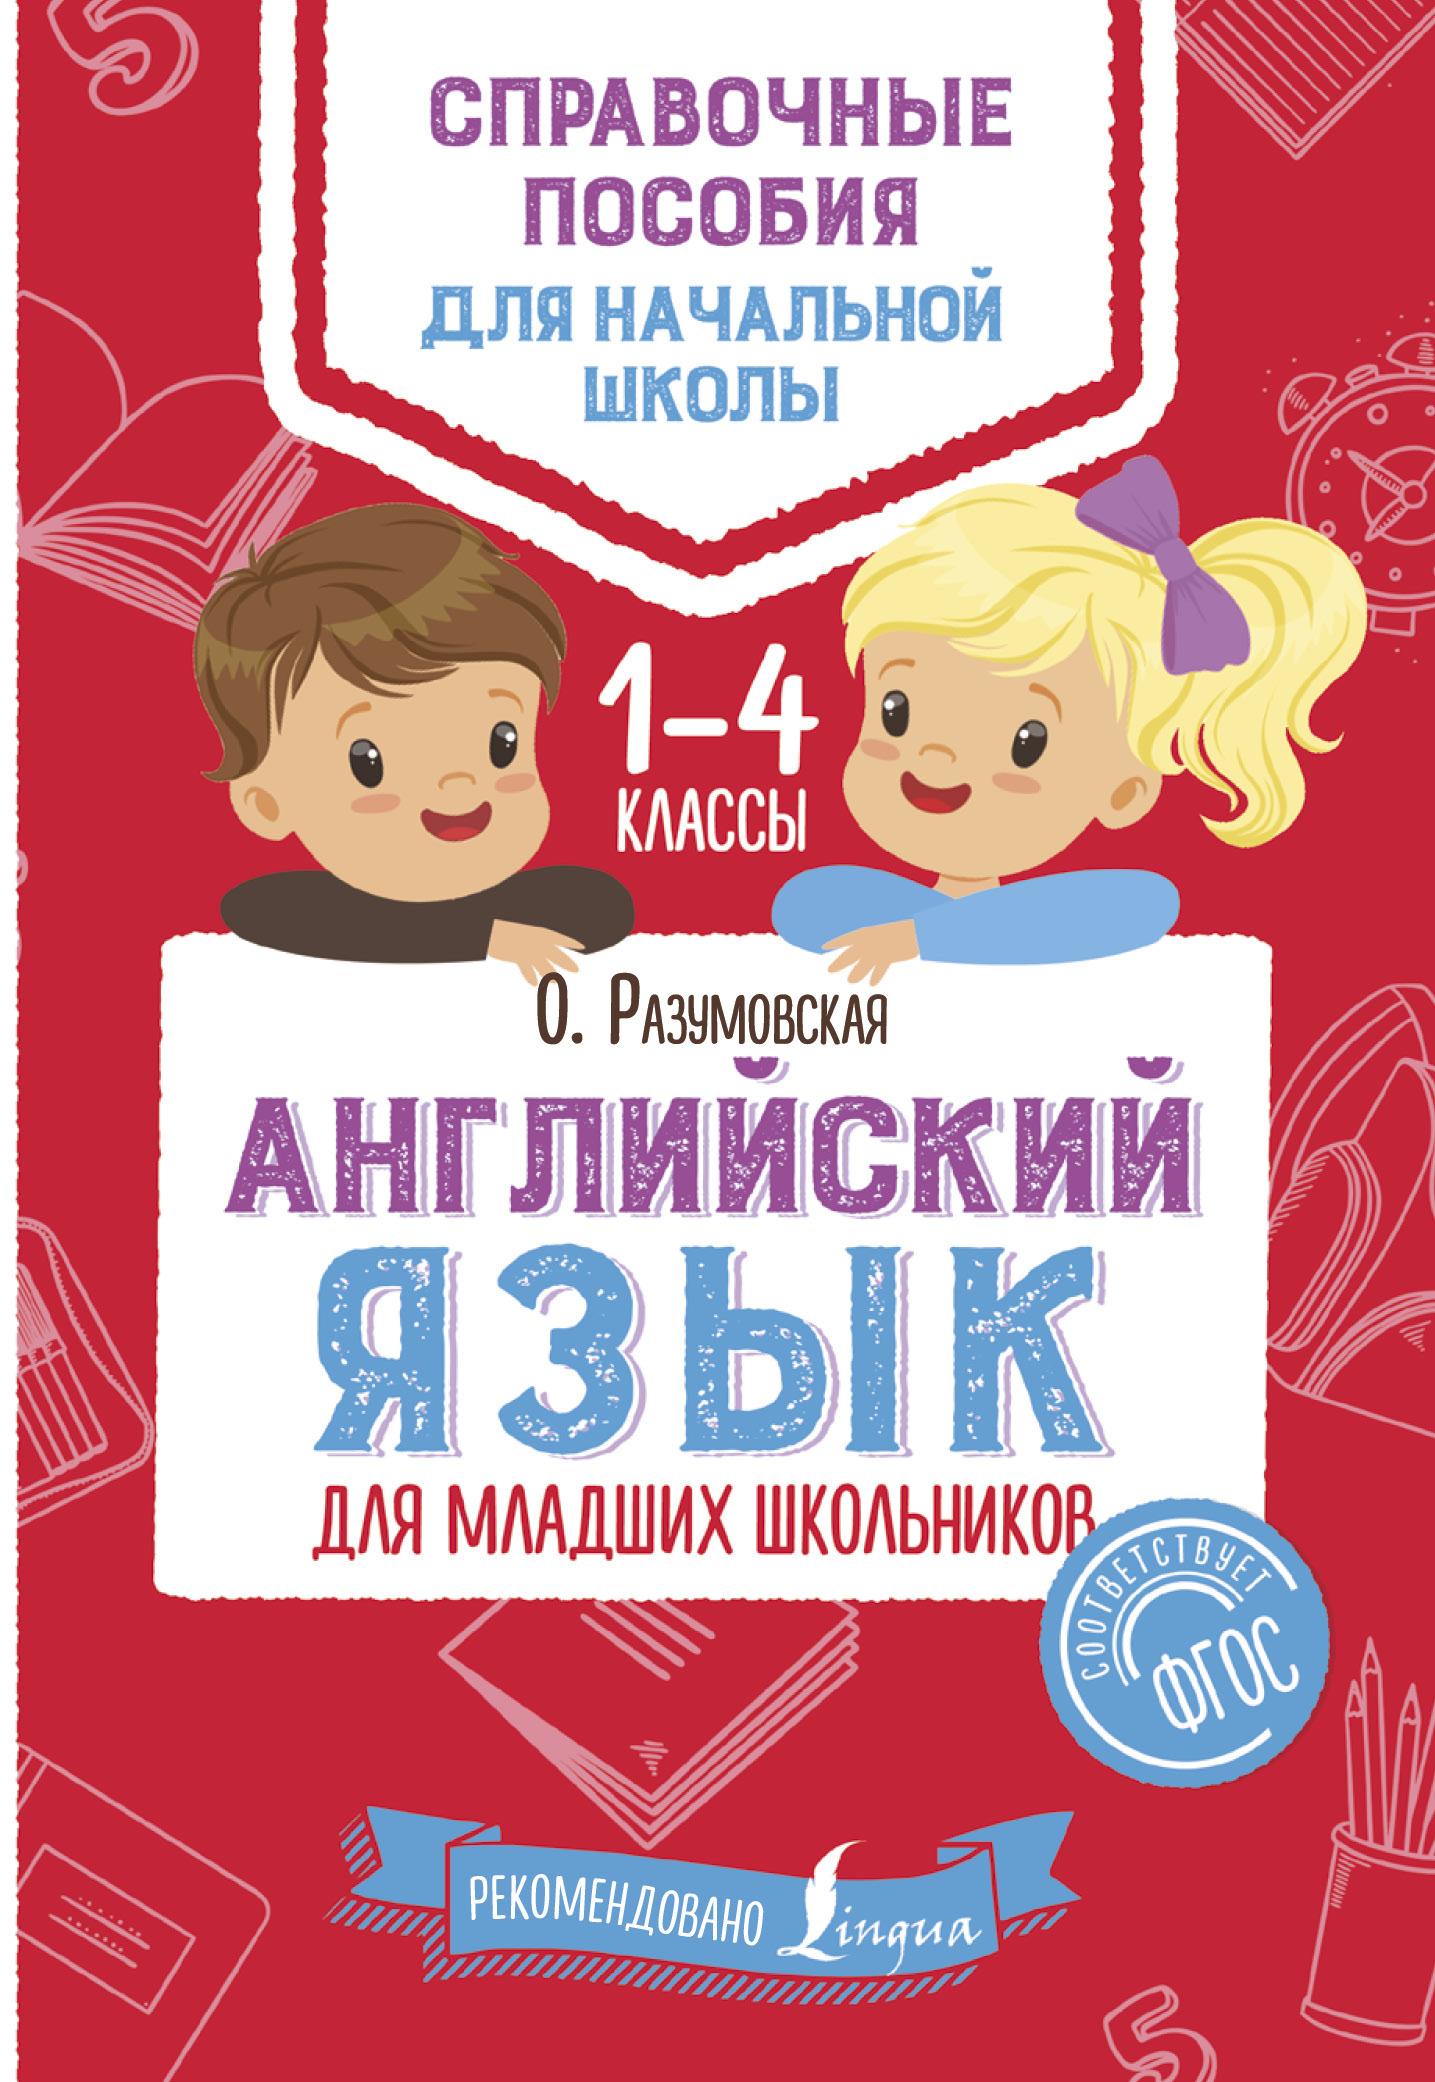 Ольга Разумовская Английский язык для младших школьников. 1–4 классы английский для школьников 1–4 х классов